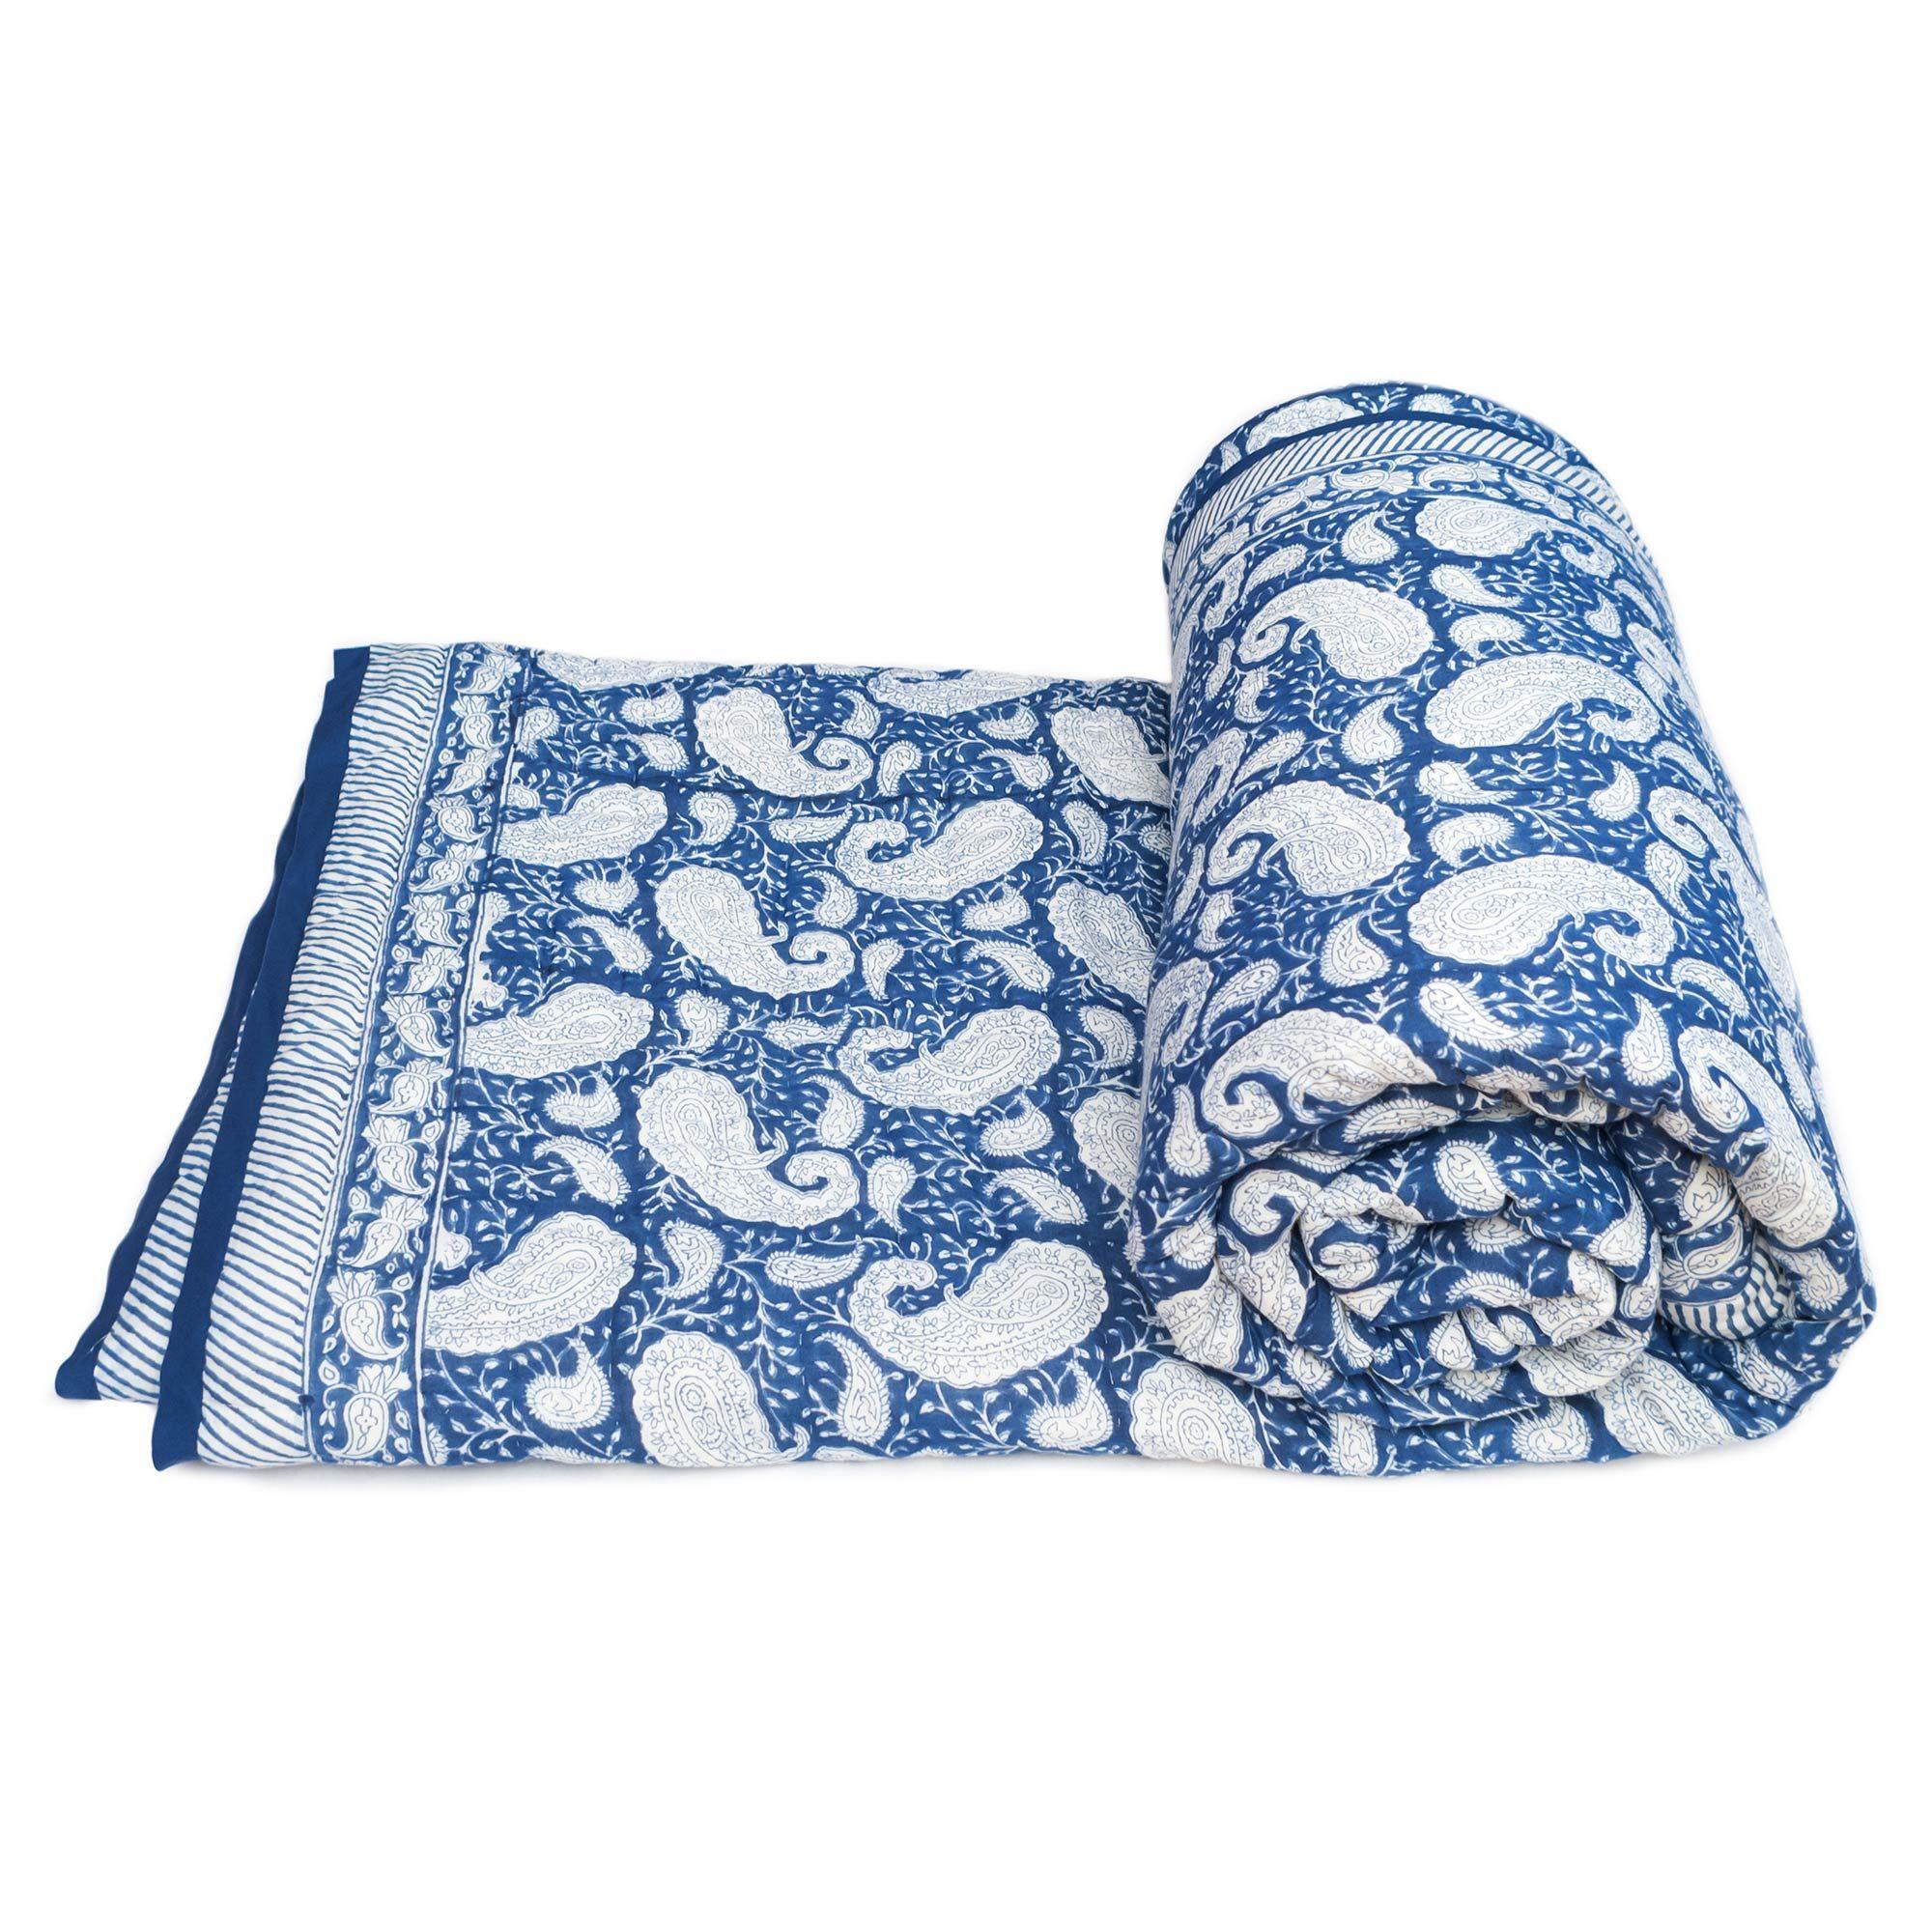 Tara-Textile - indische Decke - Kuscheldecke Neela